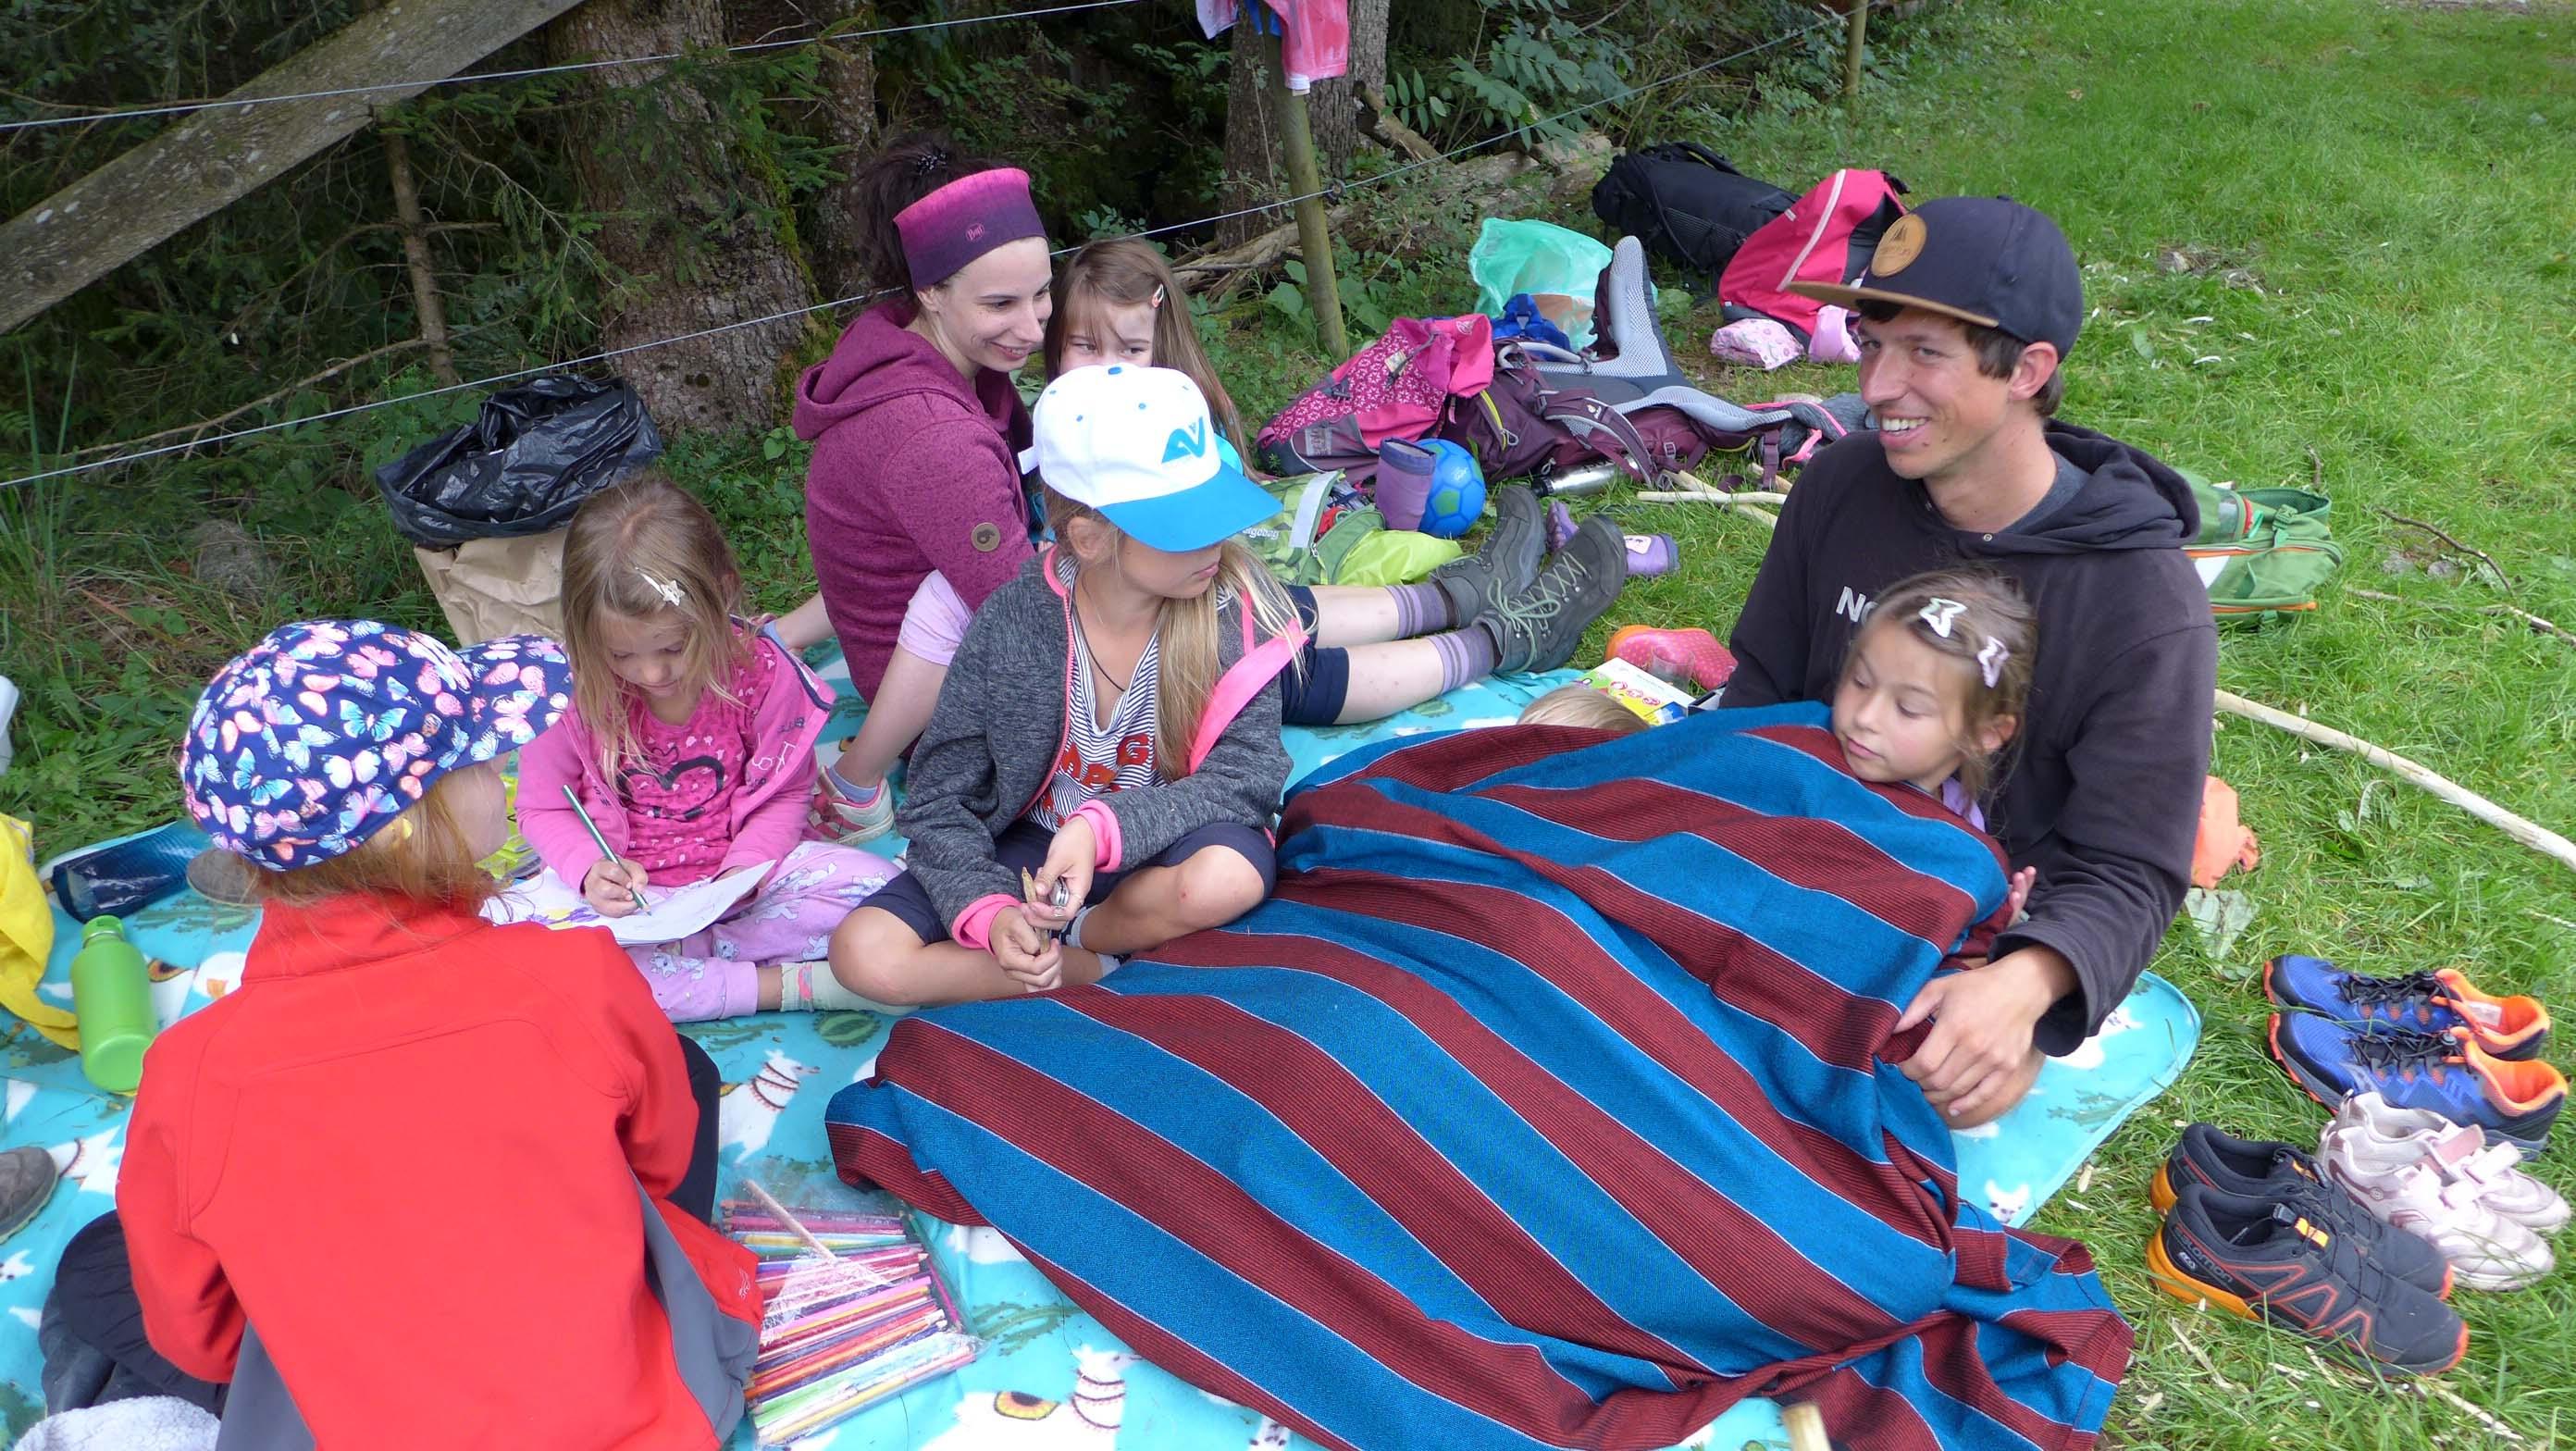 Beim Schranken Hoyer trafen wir auf die Gruppe der jüngeren Kinder - sie machten es sich gerade gemütlich ...